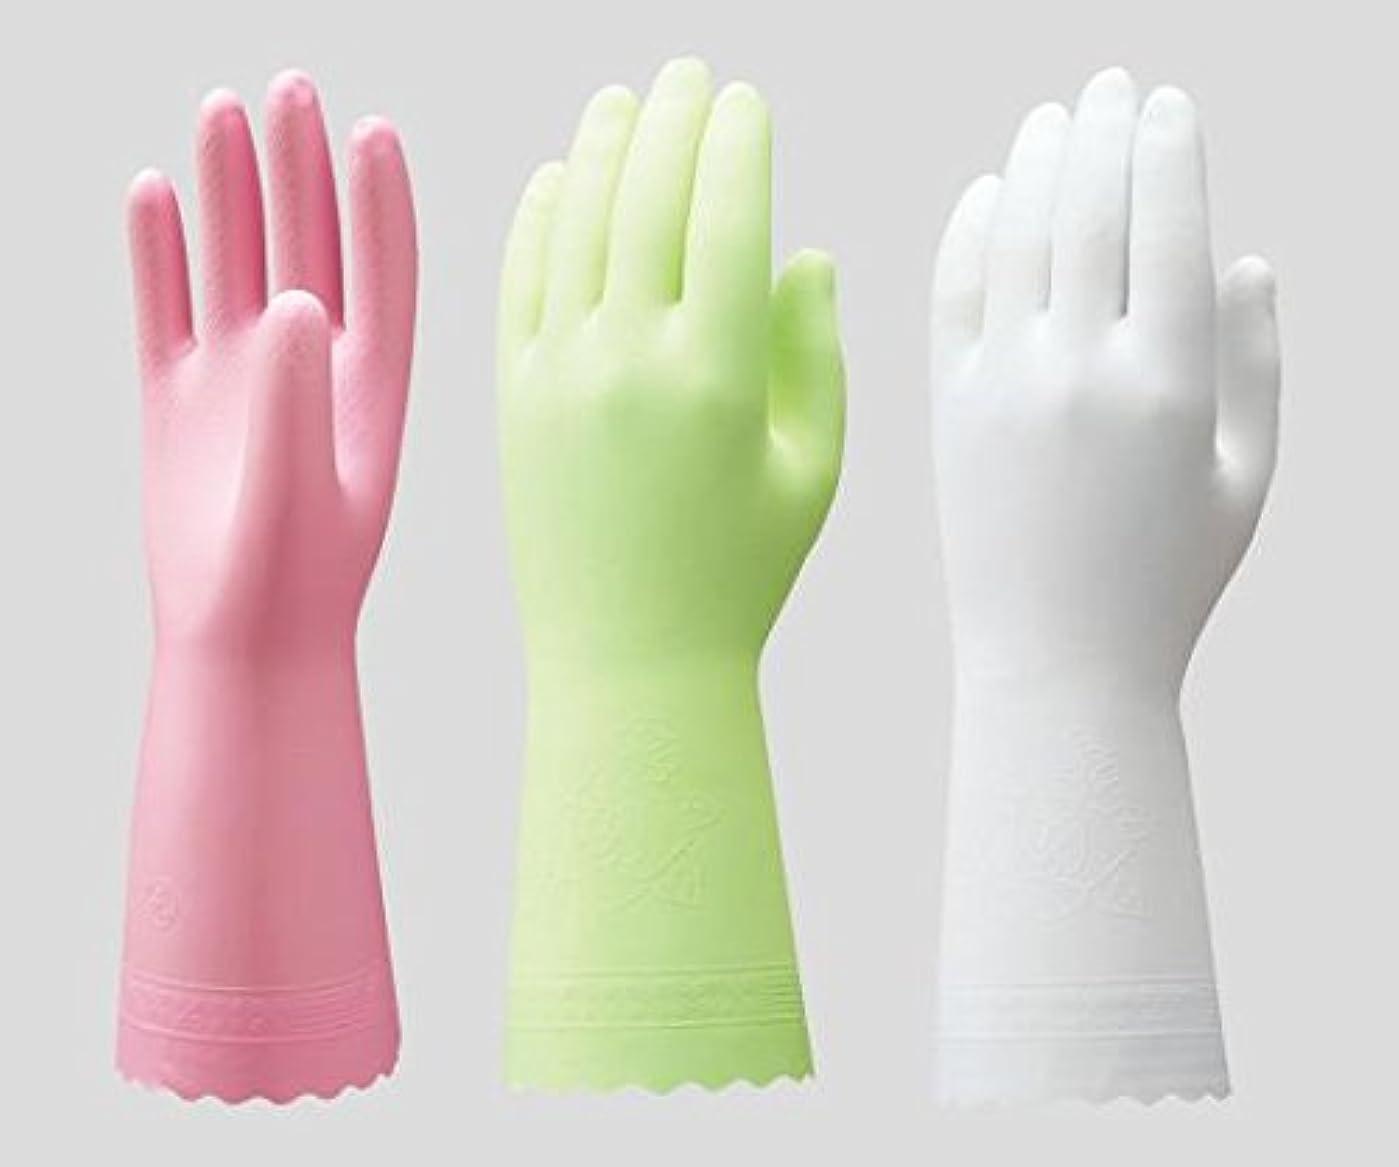 特許専ら成り立つショーワグローブ2-9143-02ビニトップ手袋薄手裏毛無ホワイトM